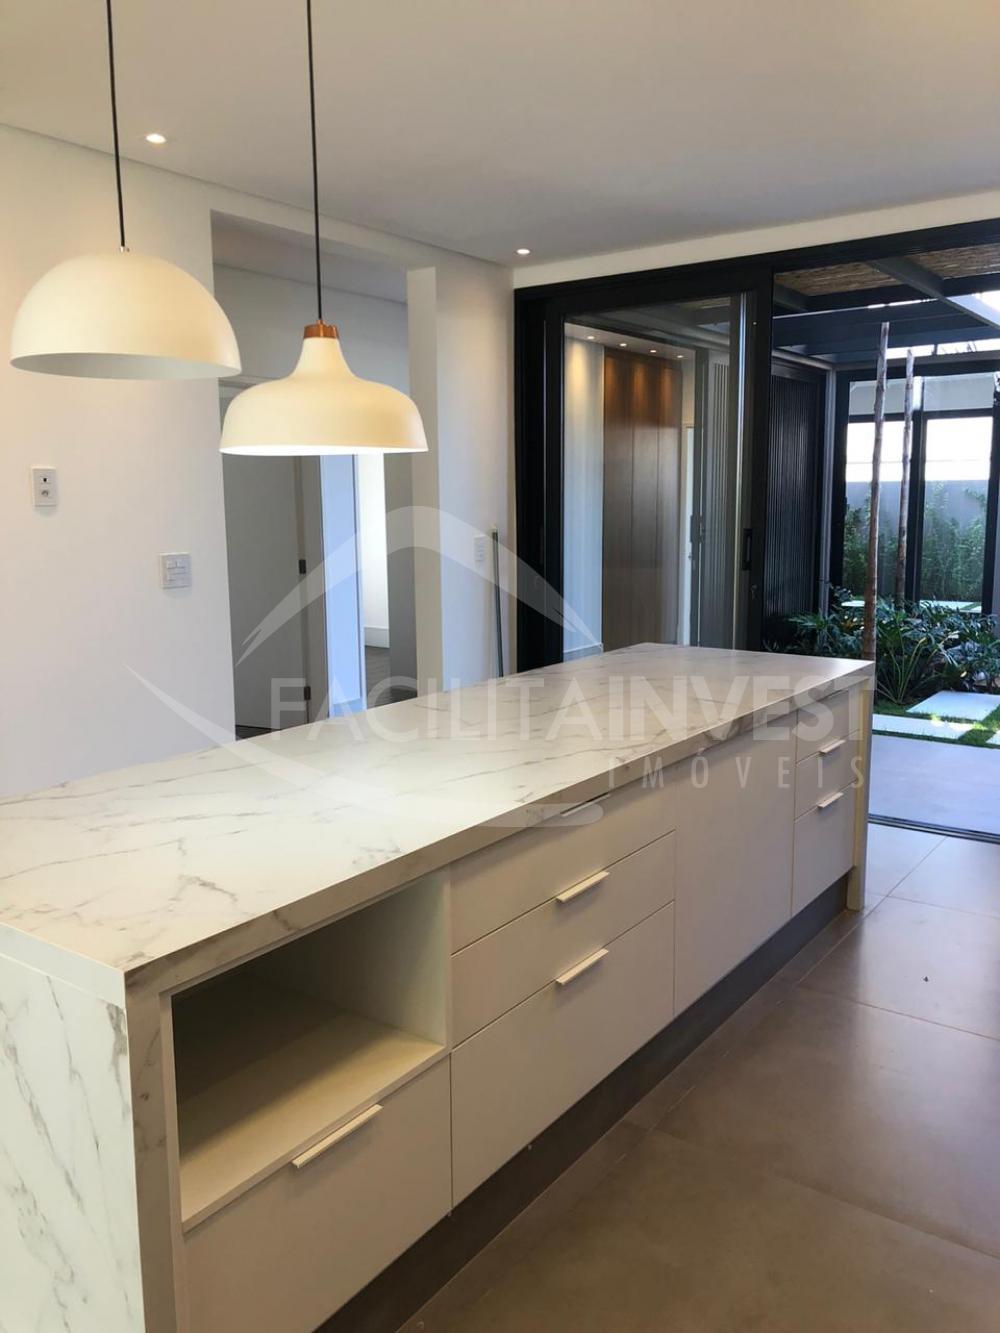 Comprar Casa Condomínio / Casa Condomínio em Ribeirão Preto apenas R$ 1.270.000,00 - Foto 6